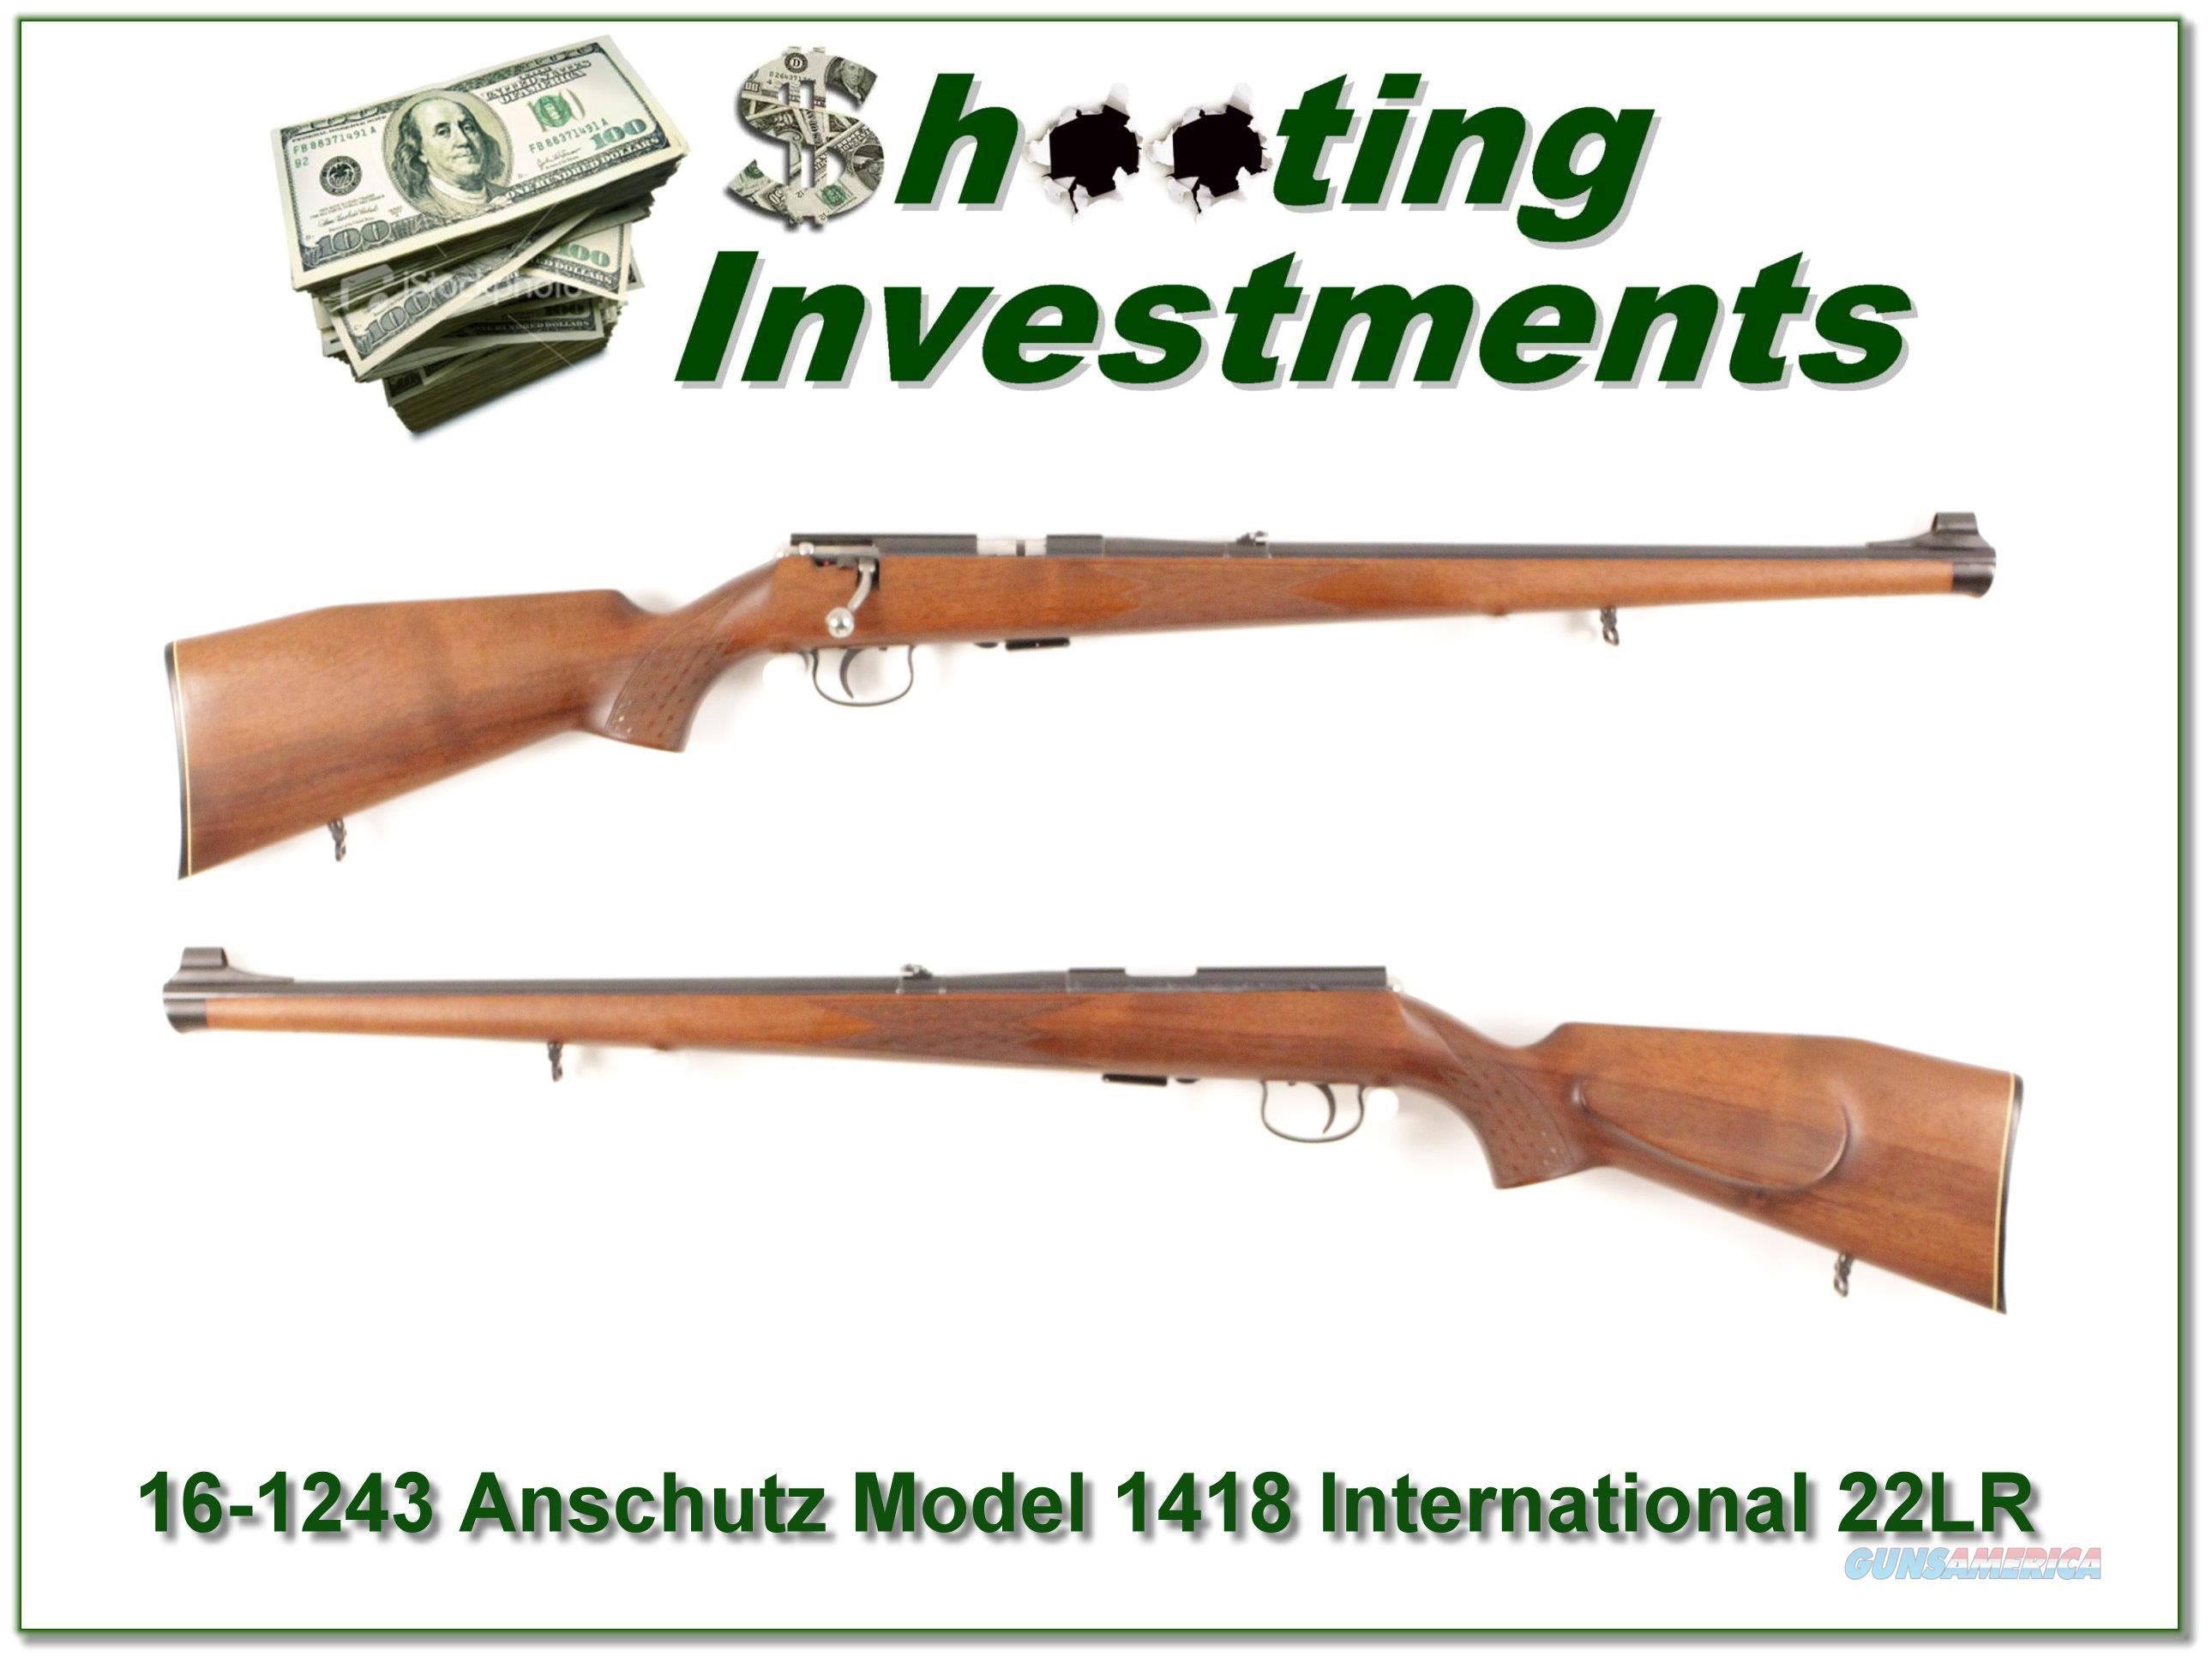 Anschutz Model 1418 International 22LR